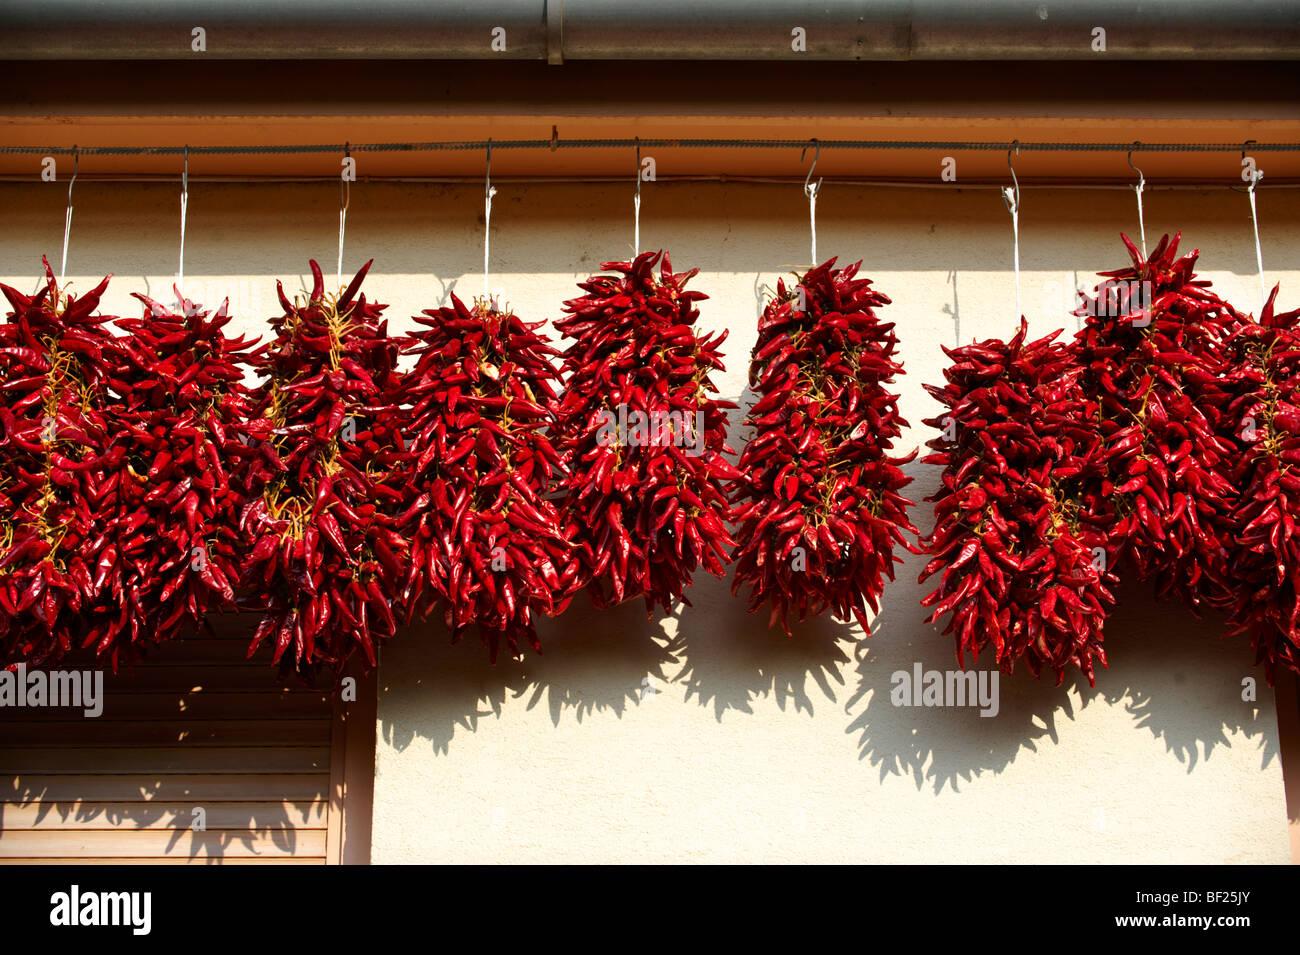 Capsicum annuum piment ou le séchage à l'air de faire paprika hongrois - Kalocsa Hongrie Photo Stock